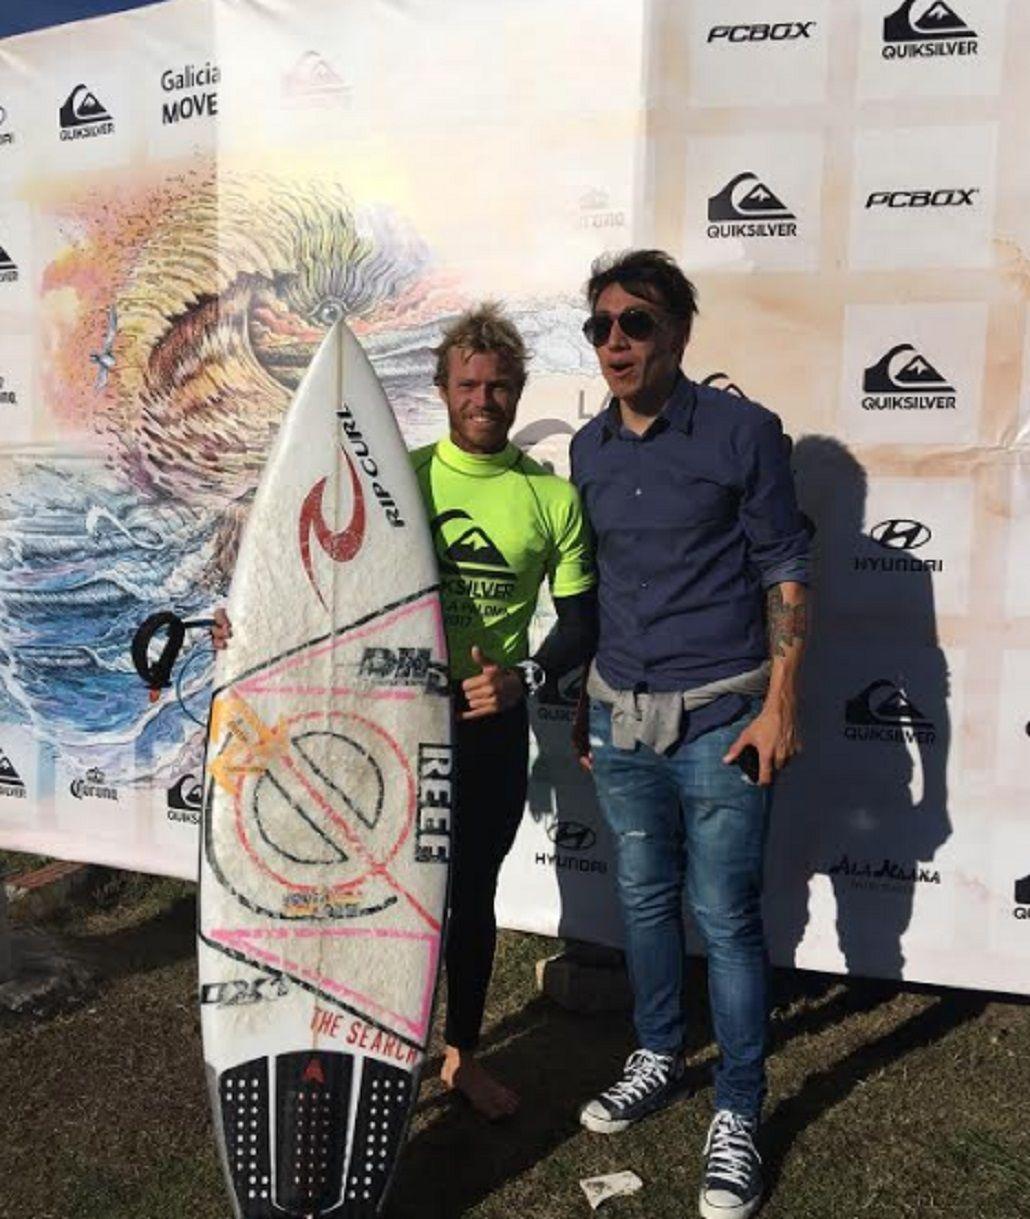 El futbolista Pablo Lugüercio fue a ver el torneo y charló con el campeón Lele Usuna. Contó que ya se sube a la tabla y apreció que el ambiente del surf es mucho mejor que el del fútbol